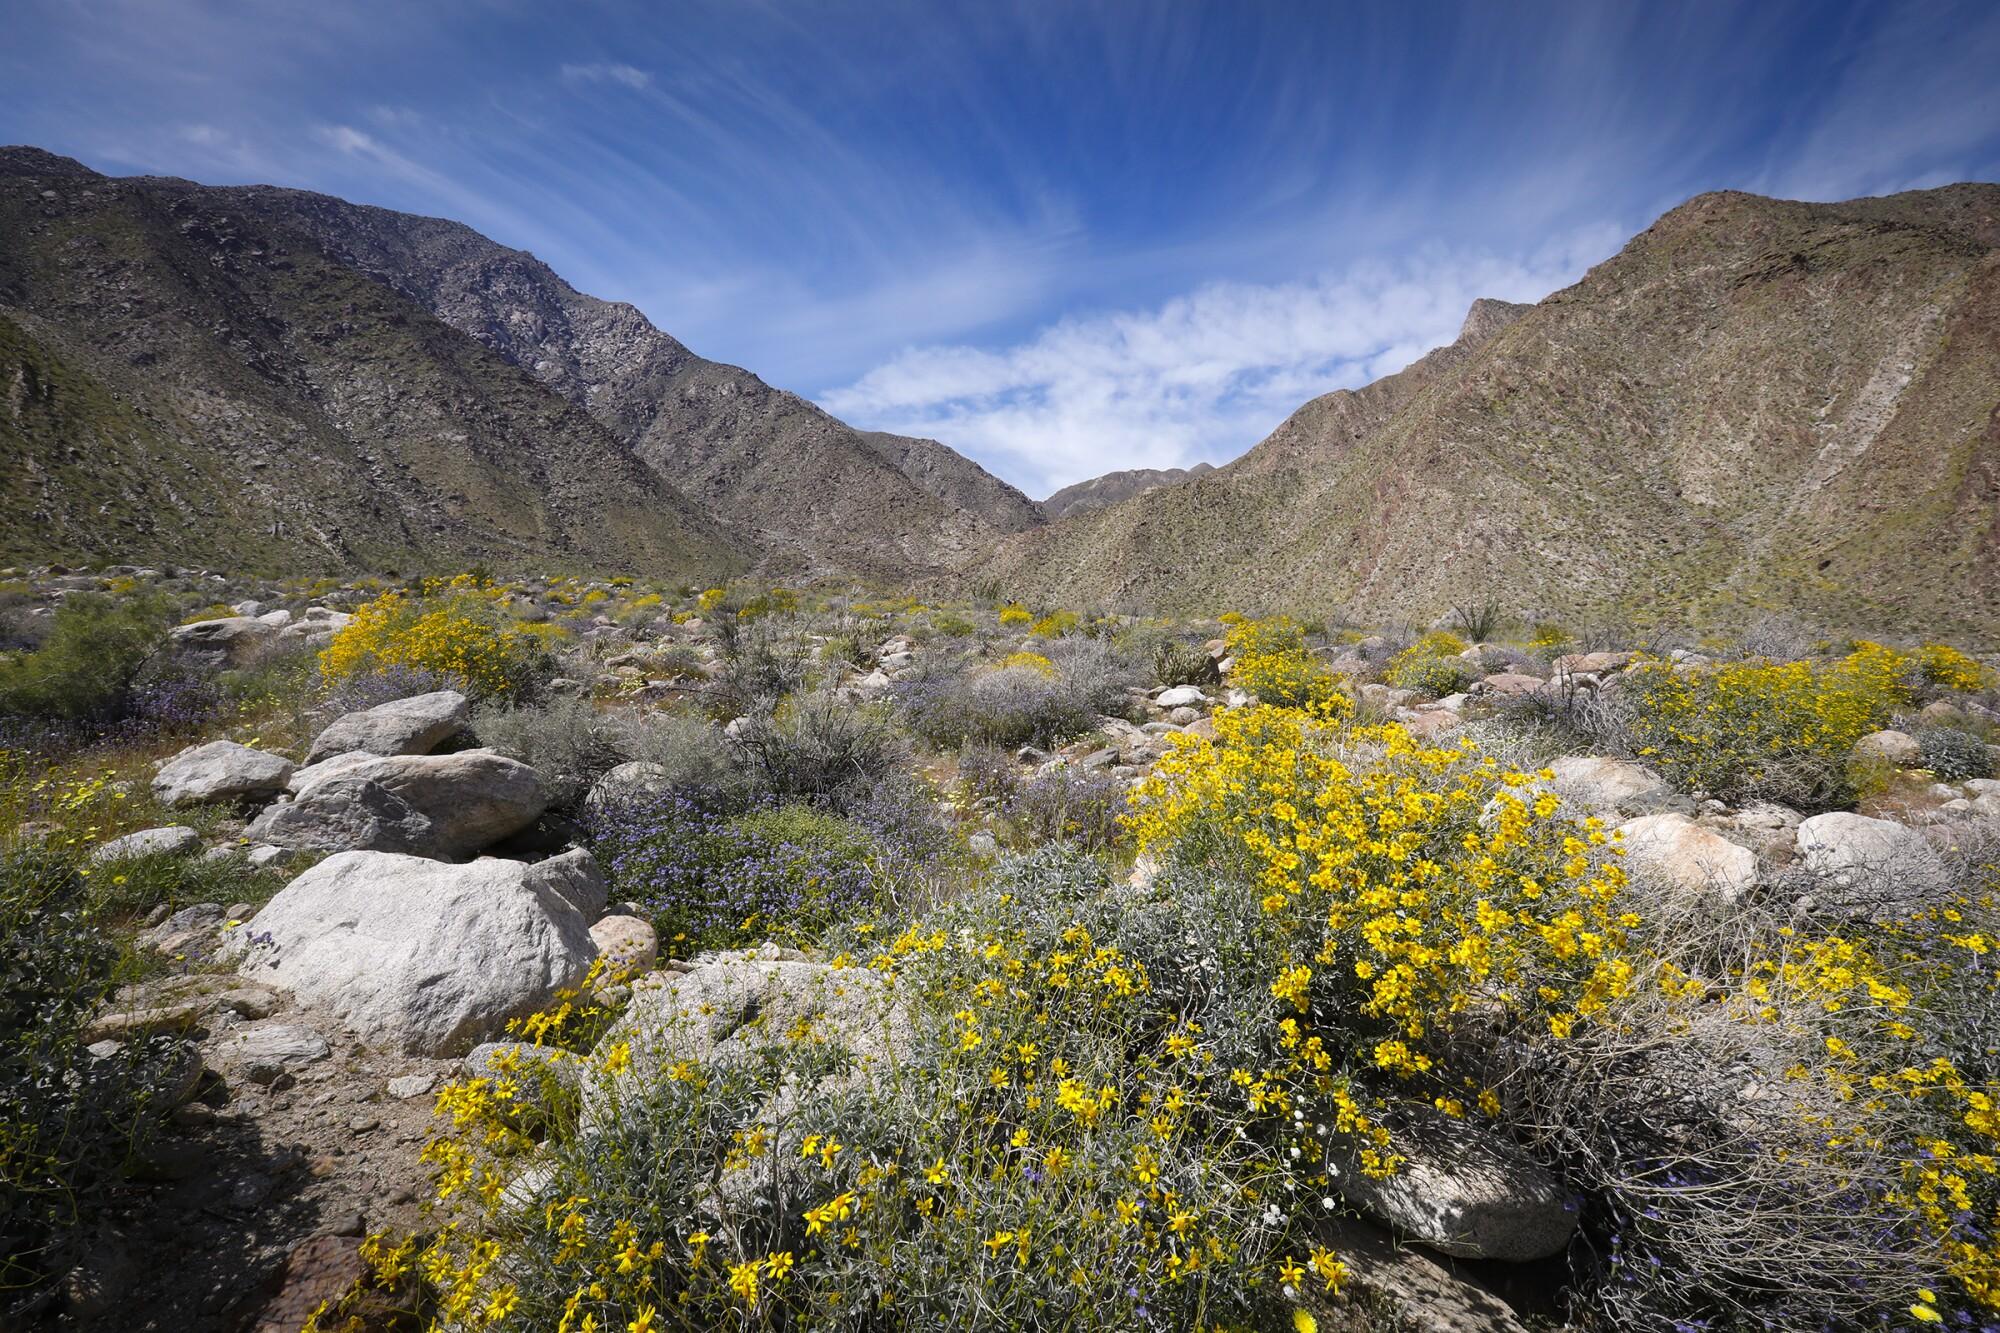 The Anza-Borrego desert.